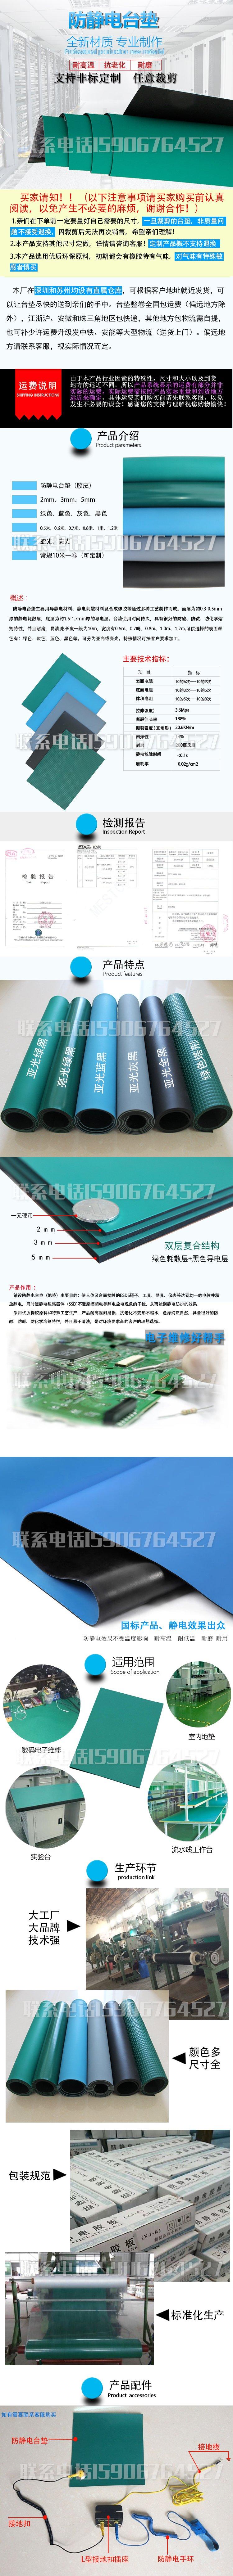 綠色防靜電臺墊膠皮桌墊絕緣橡膠板導電地墊23MM  618推薦爆款 618推薦爆款